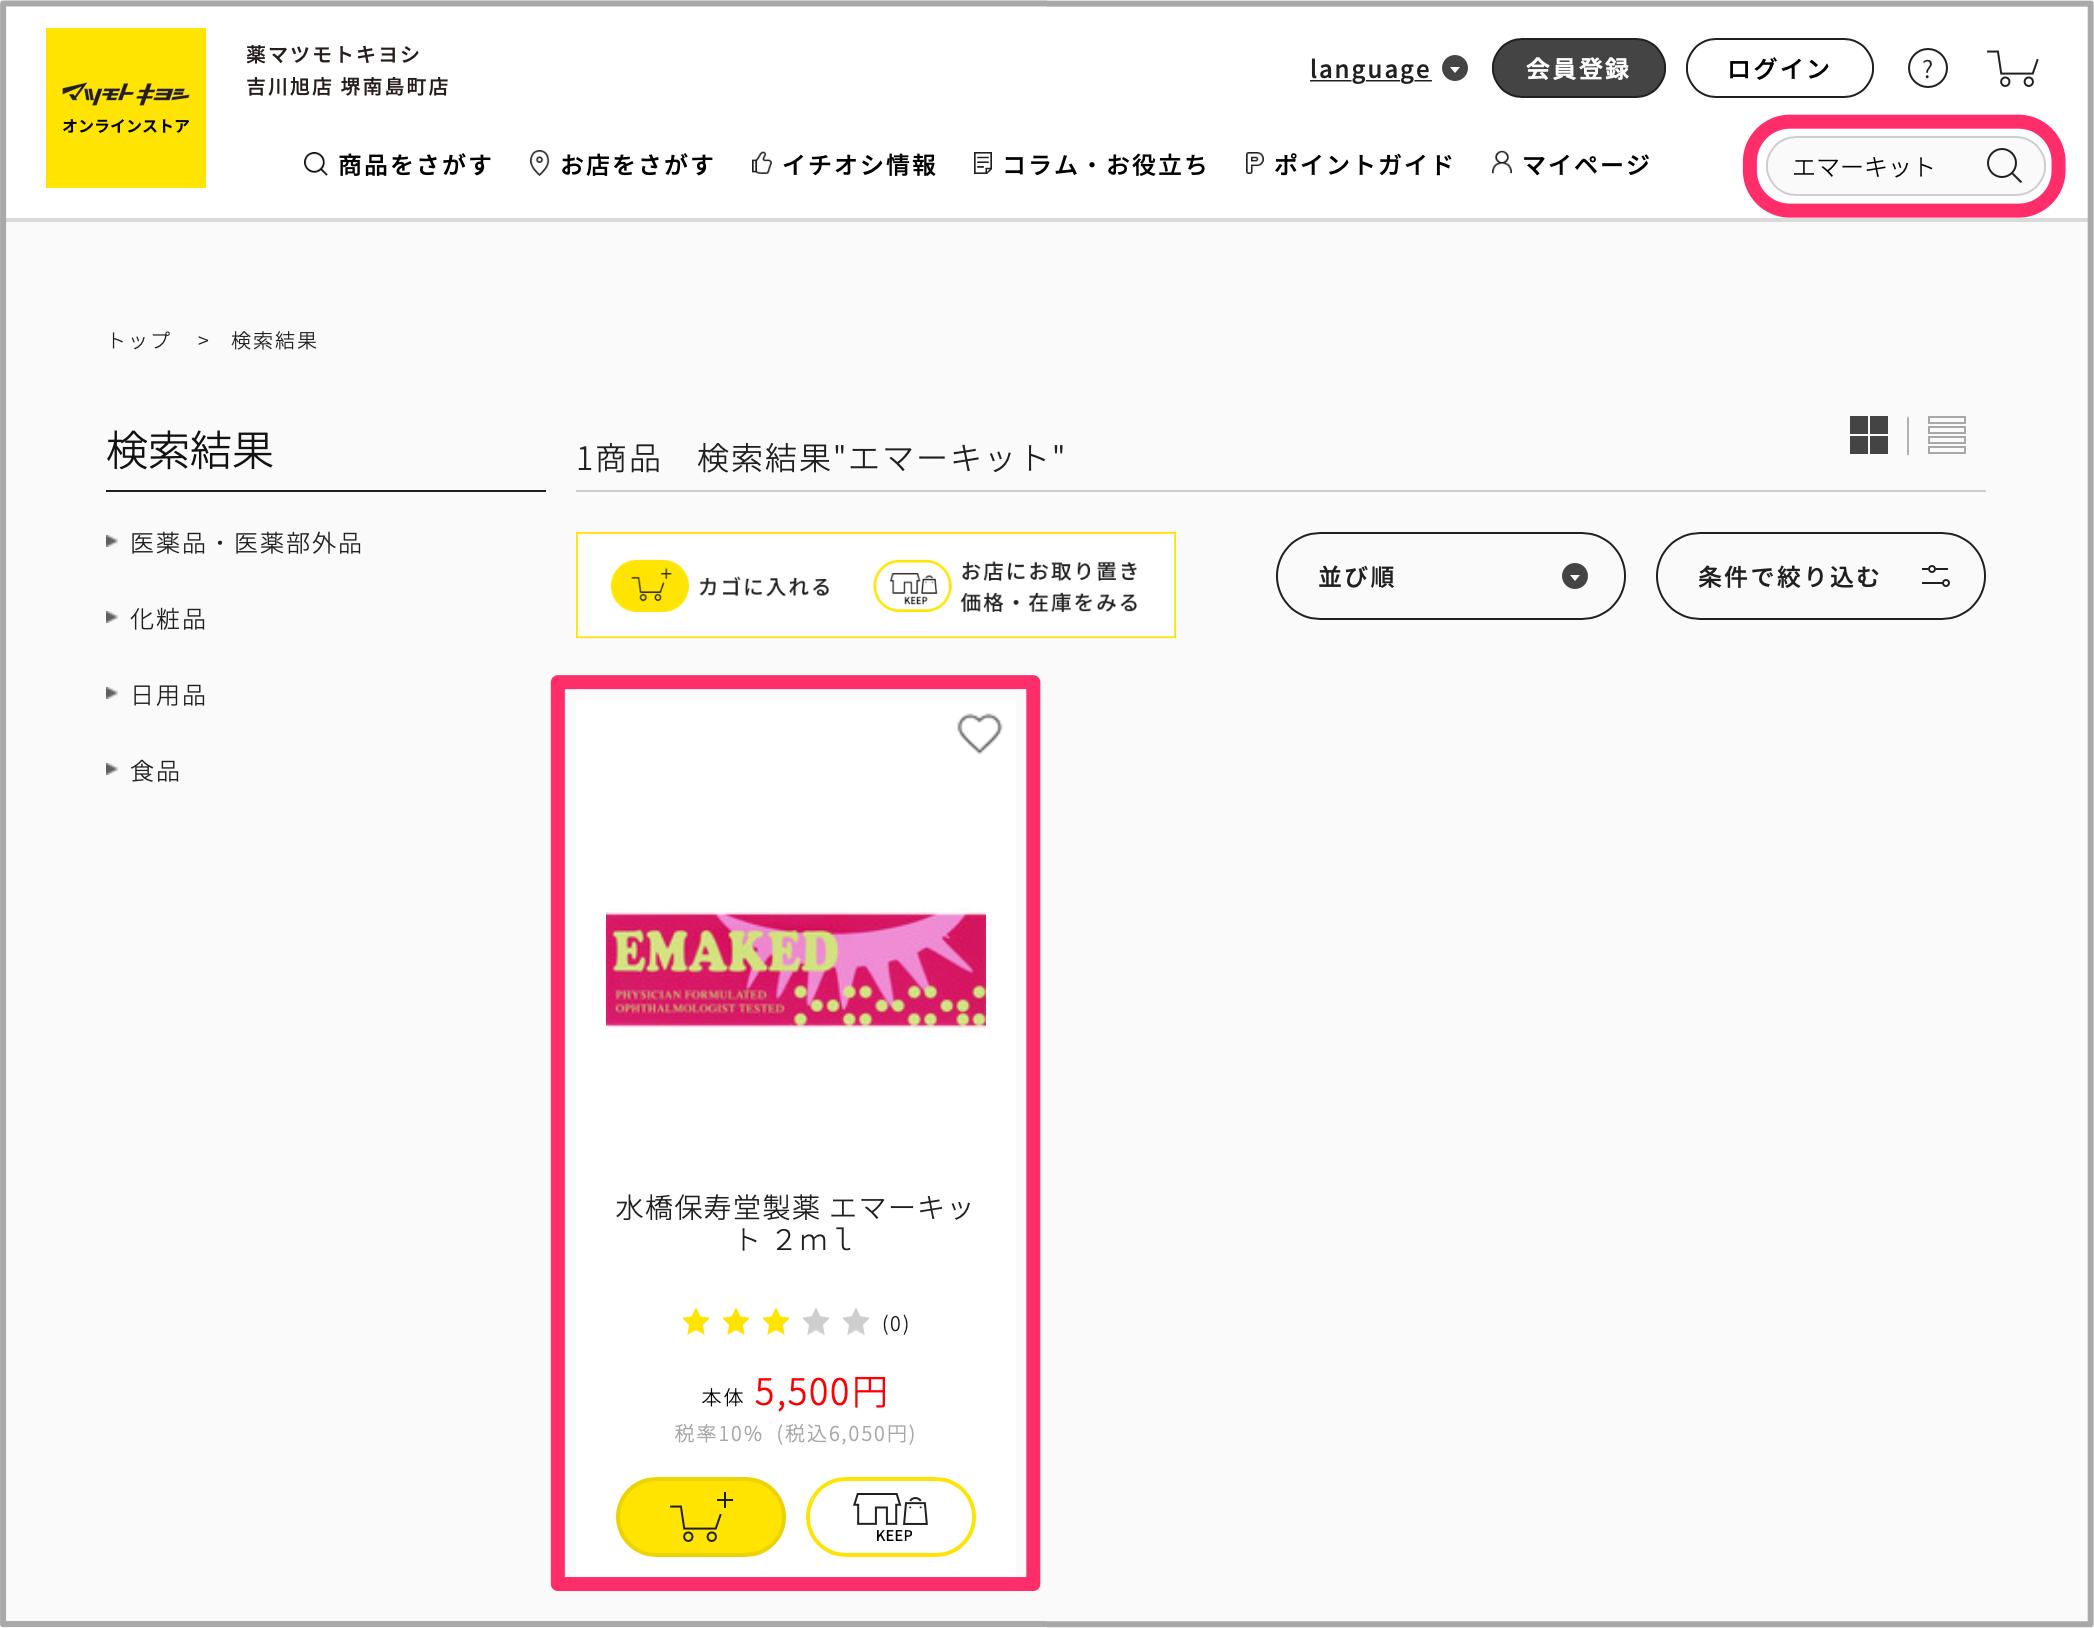 マツモトキヨシのエマーキット検索結果